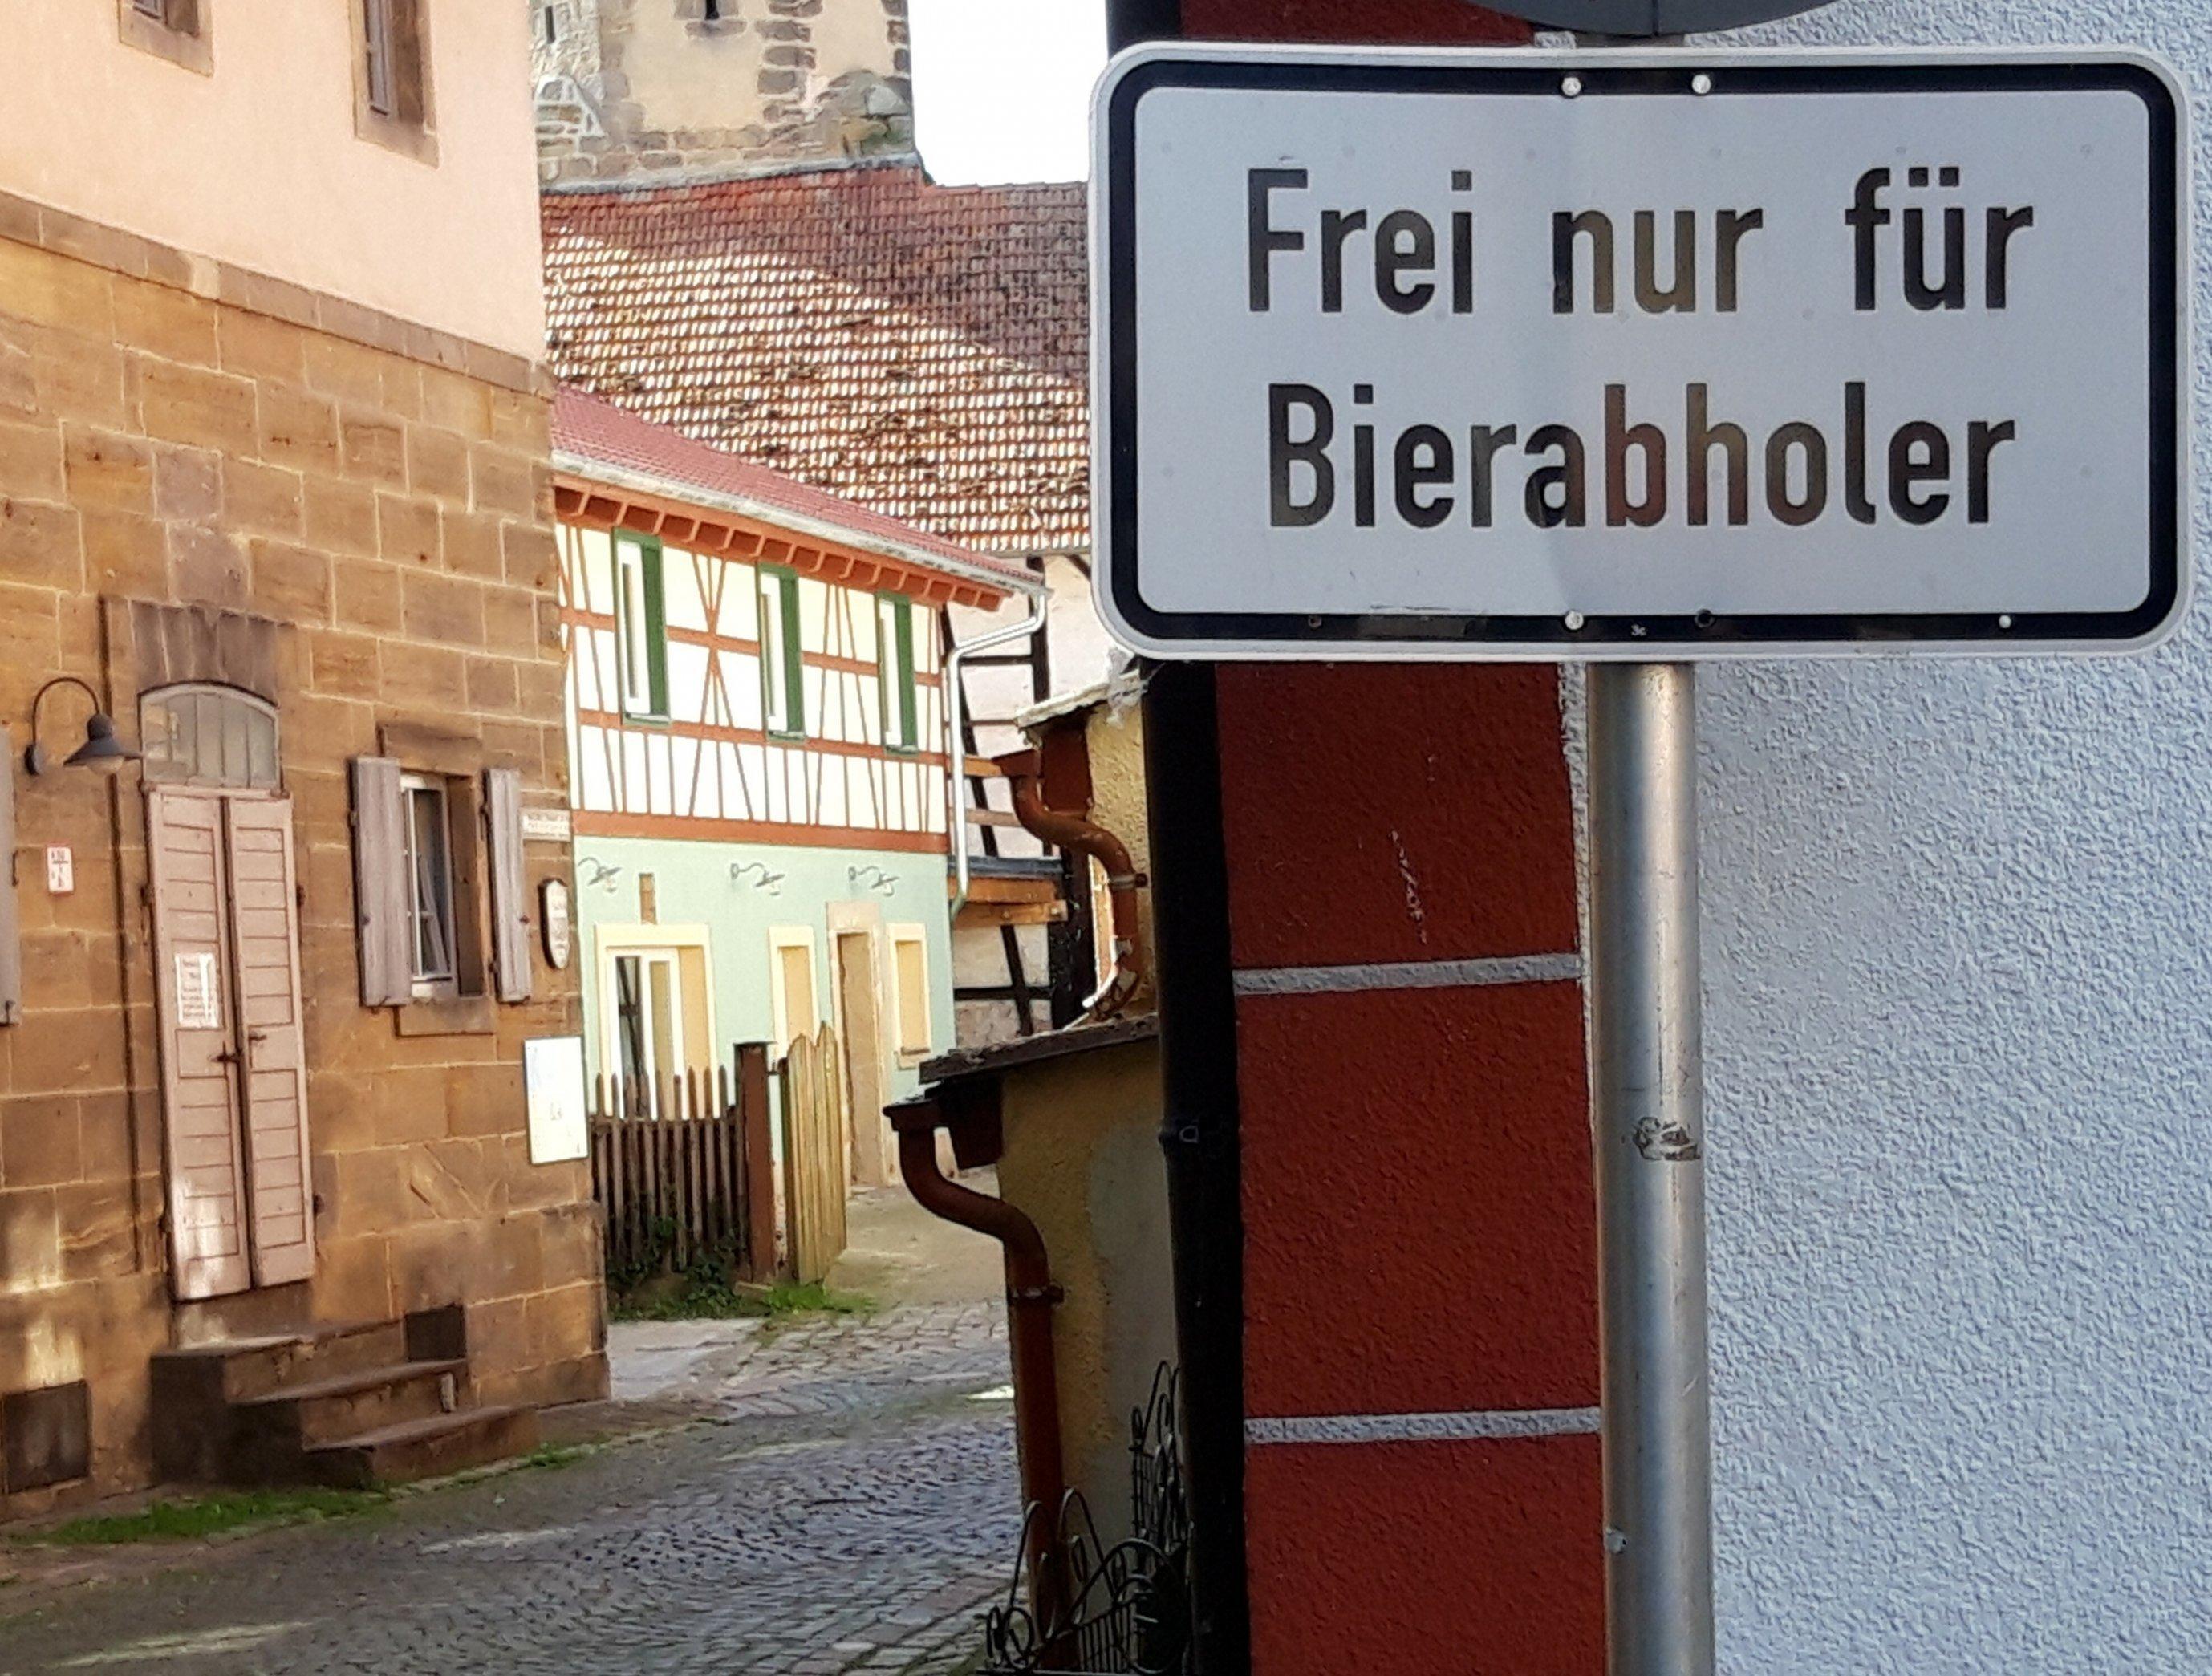 """Vor einer im Abendlicht schimmernden Gasse mit Fachwerkgebäuden über Kopfsteinpflaster steht das Straßenschild mit der Aufschrift """"Frei nur für Bierabholer""""."""